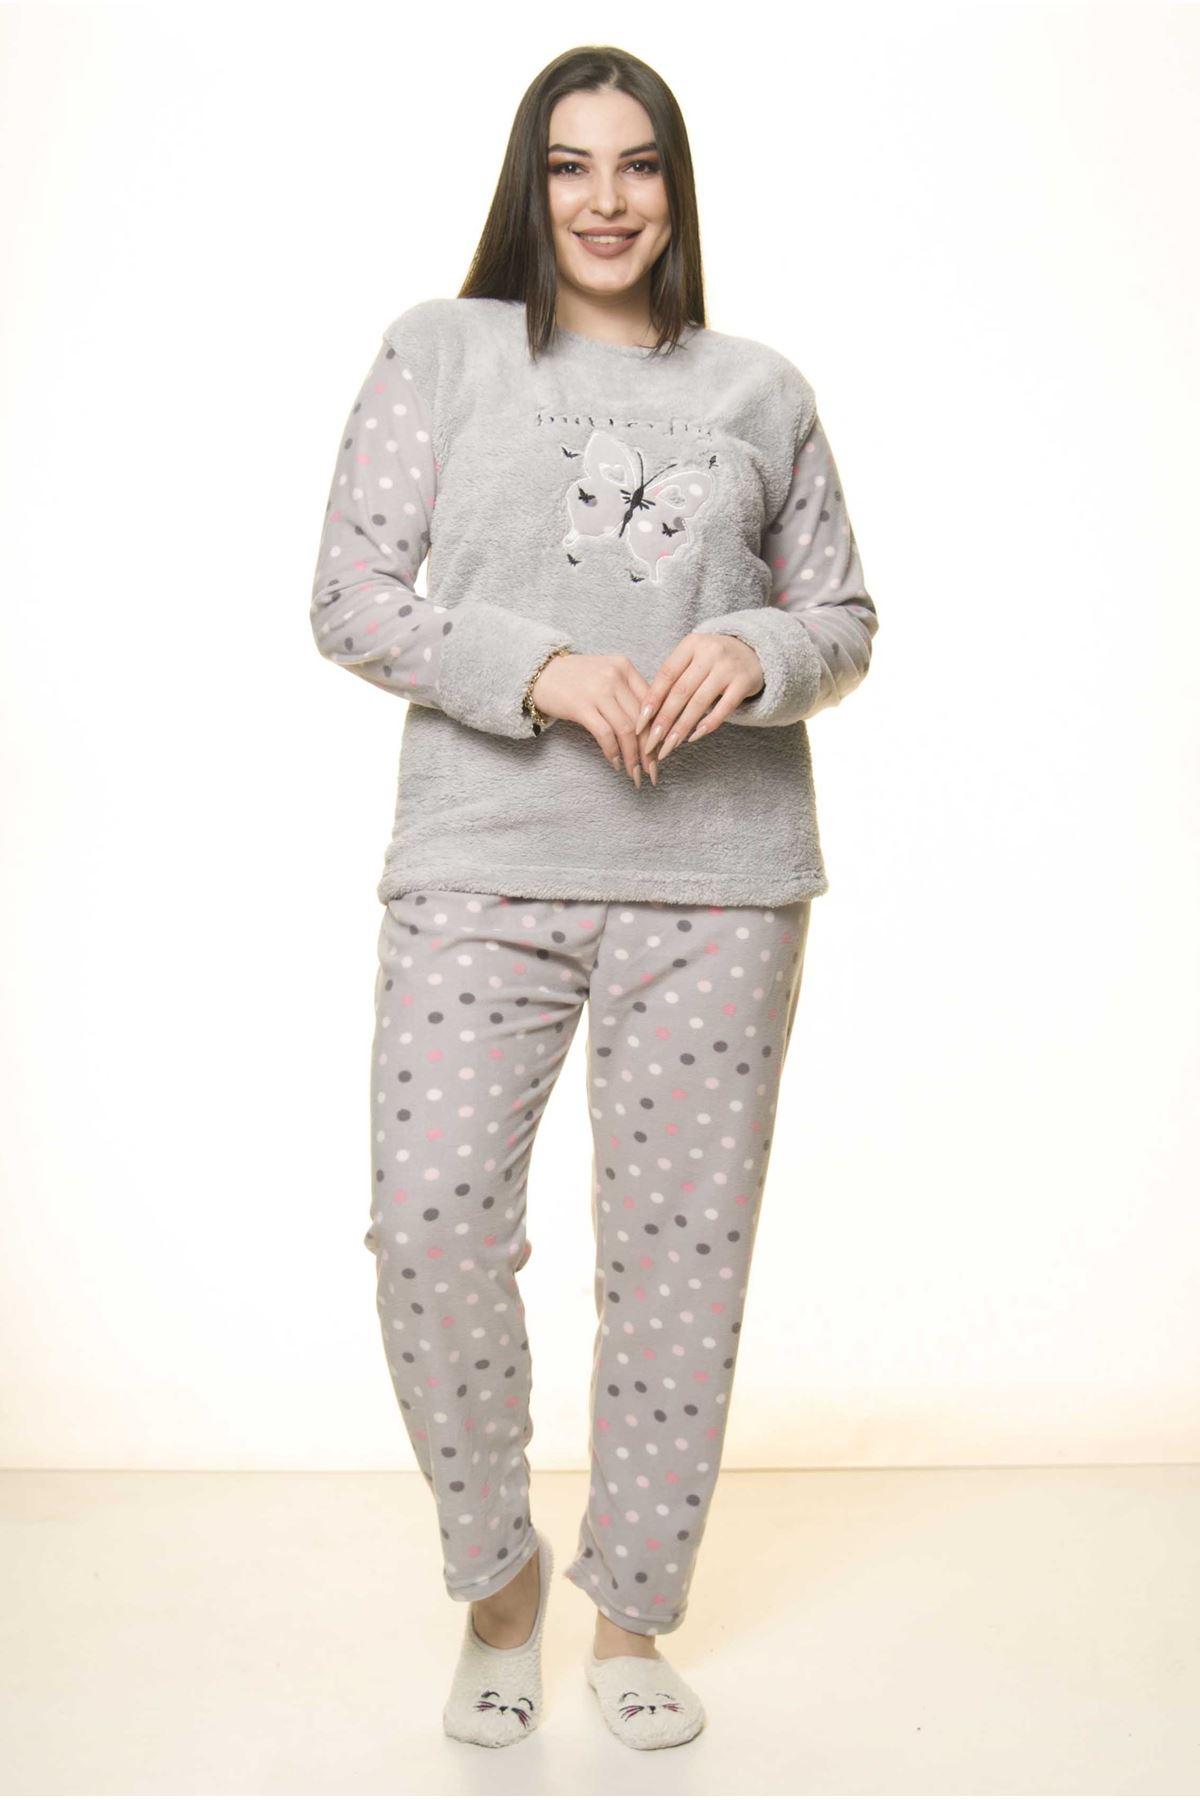 Polar Peluş Kışlık Pijama Takımı 32C-1524